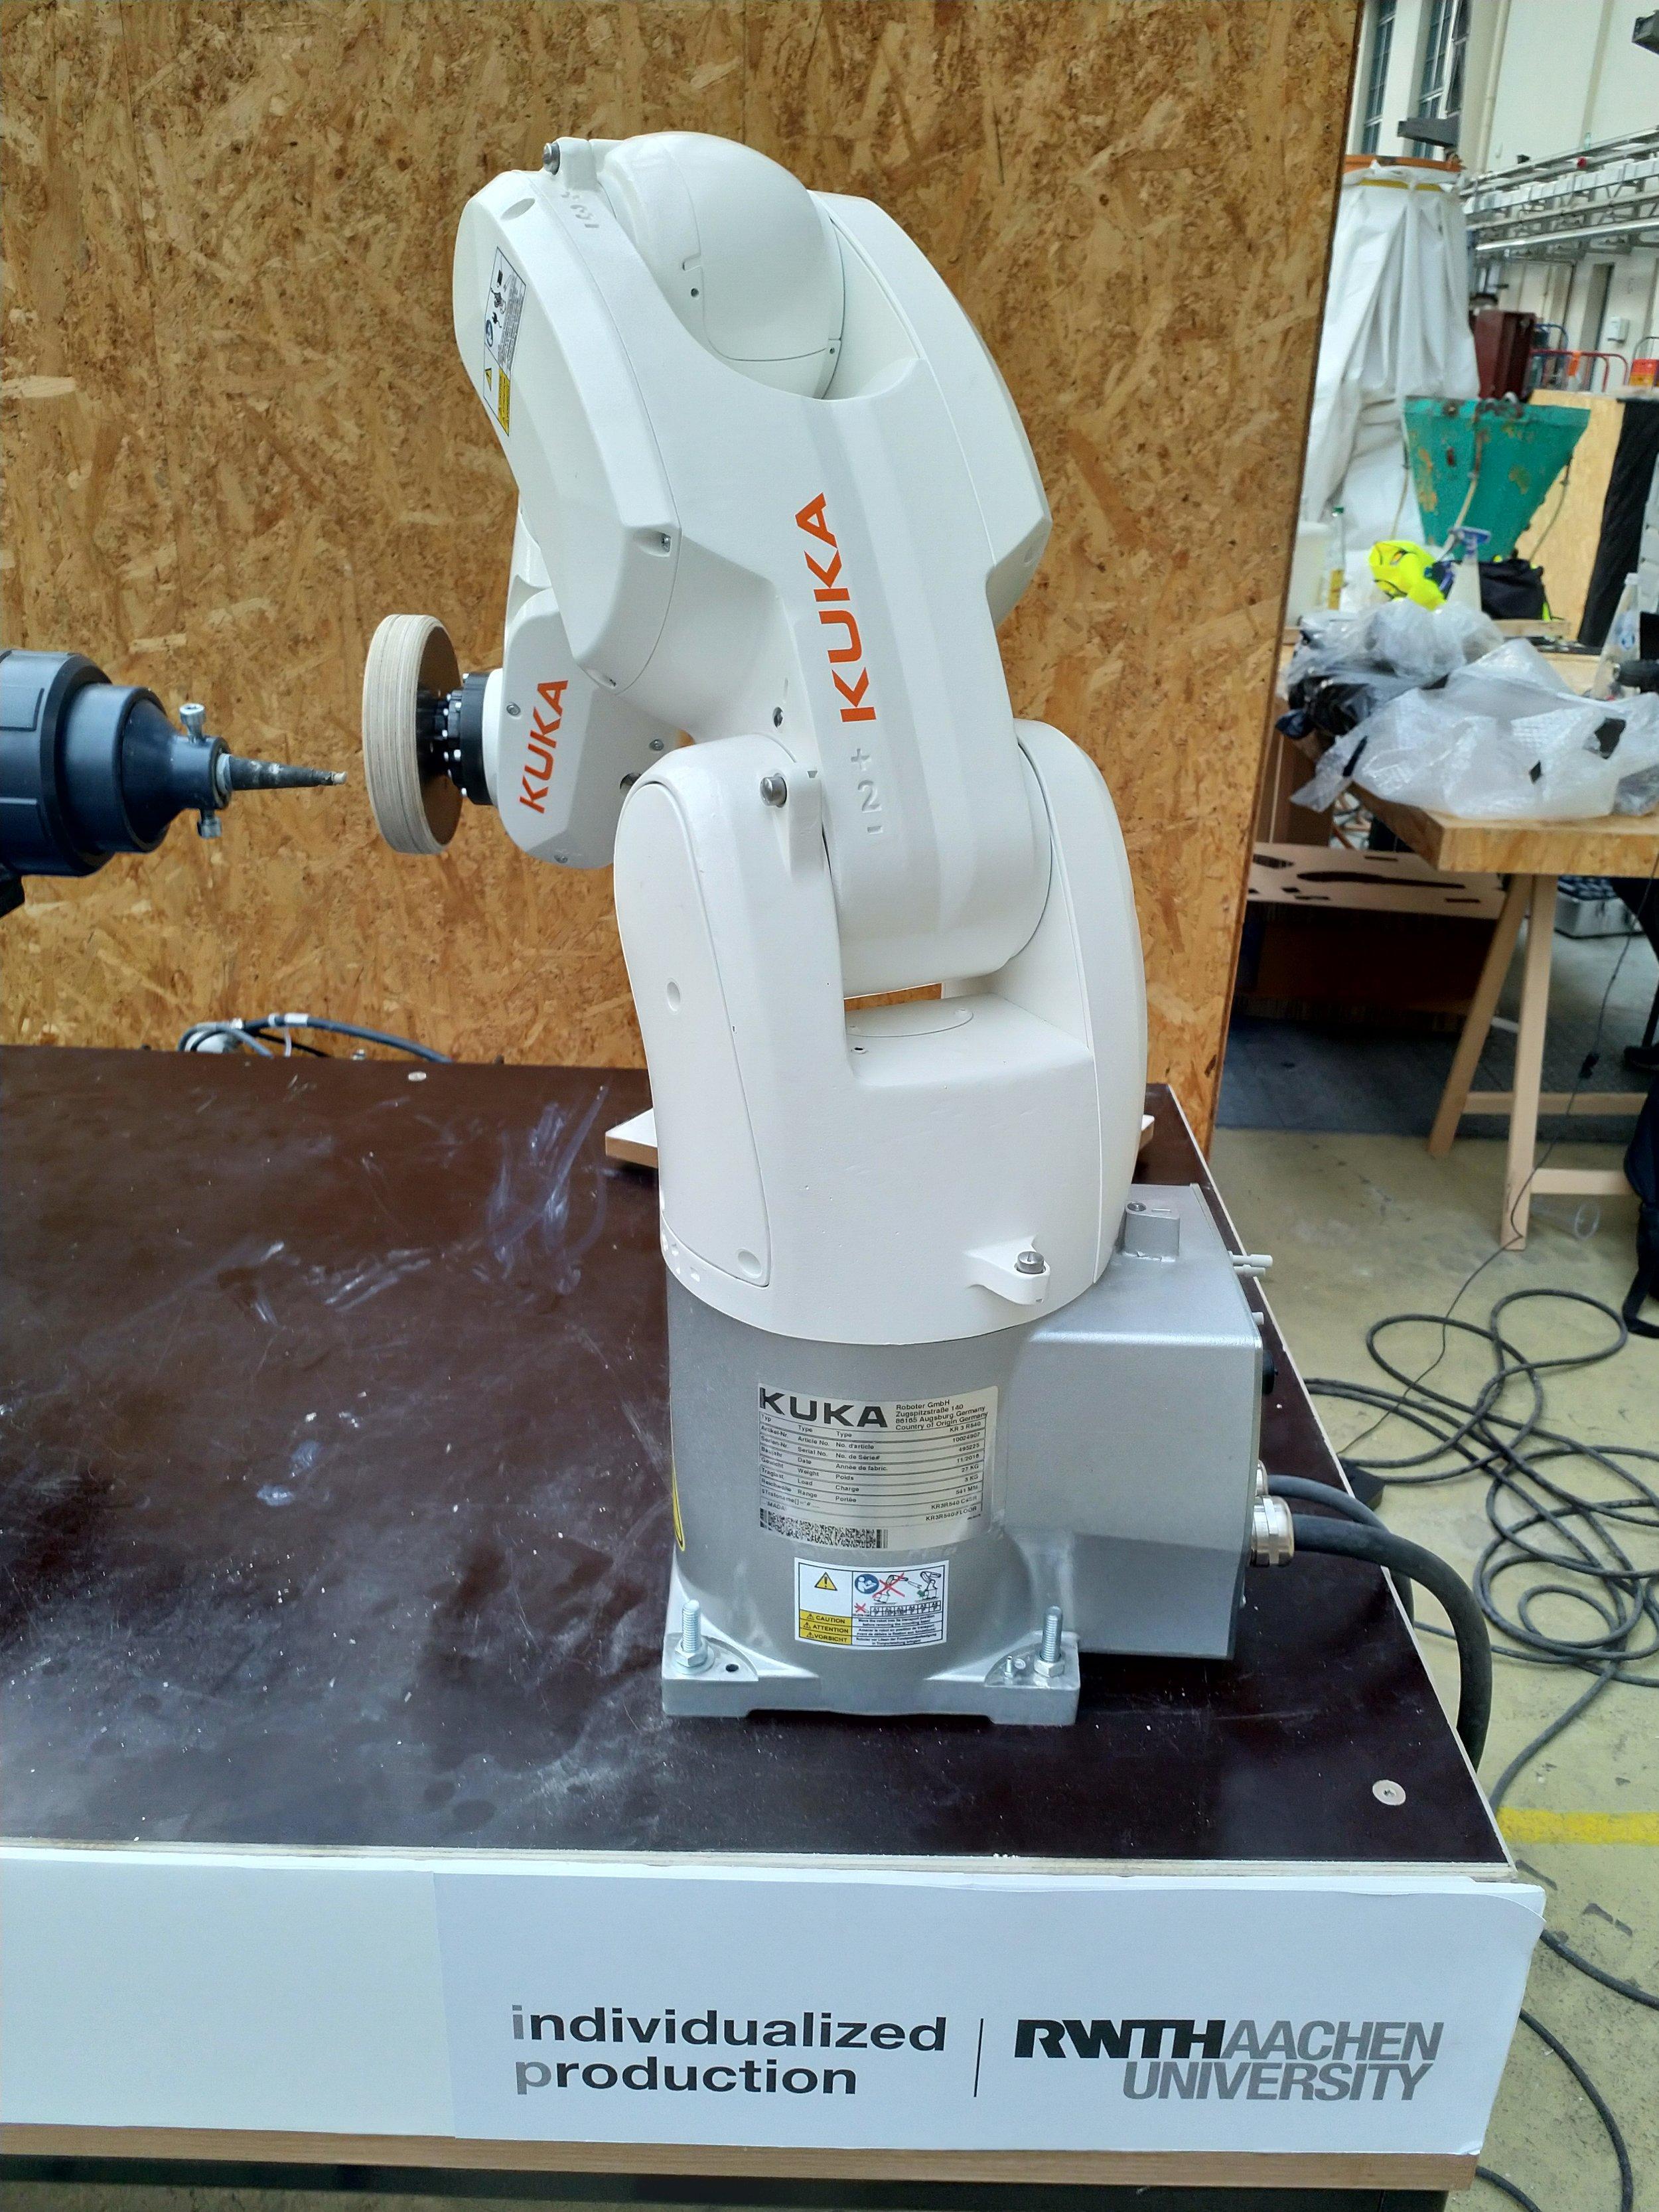 Hackathon Robotic